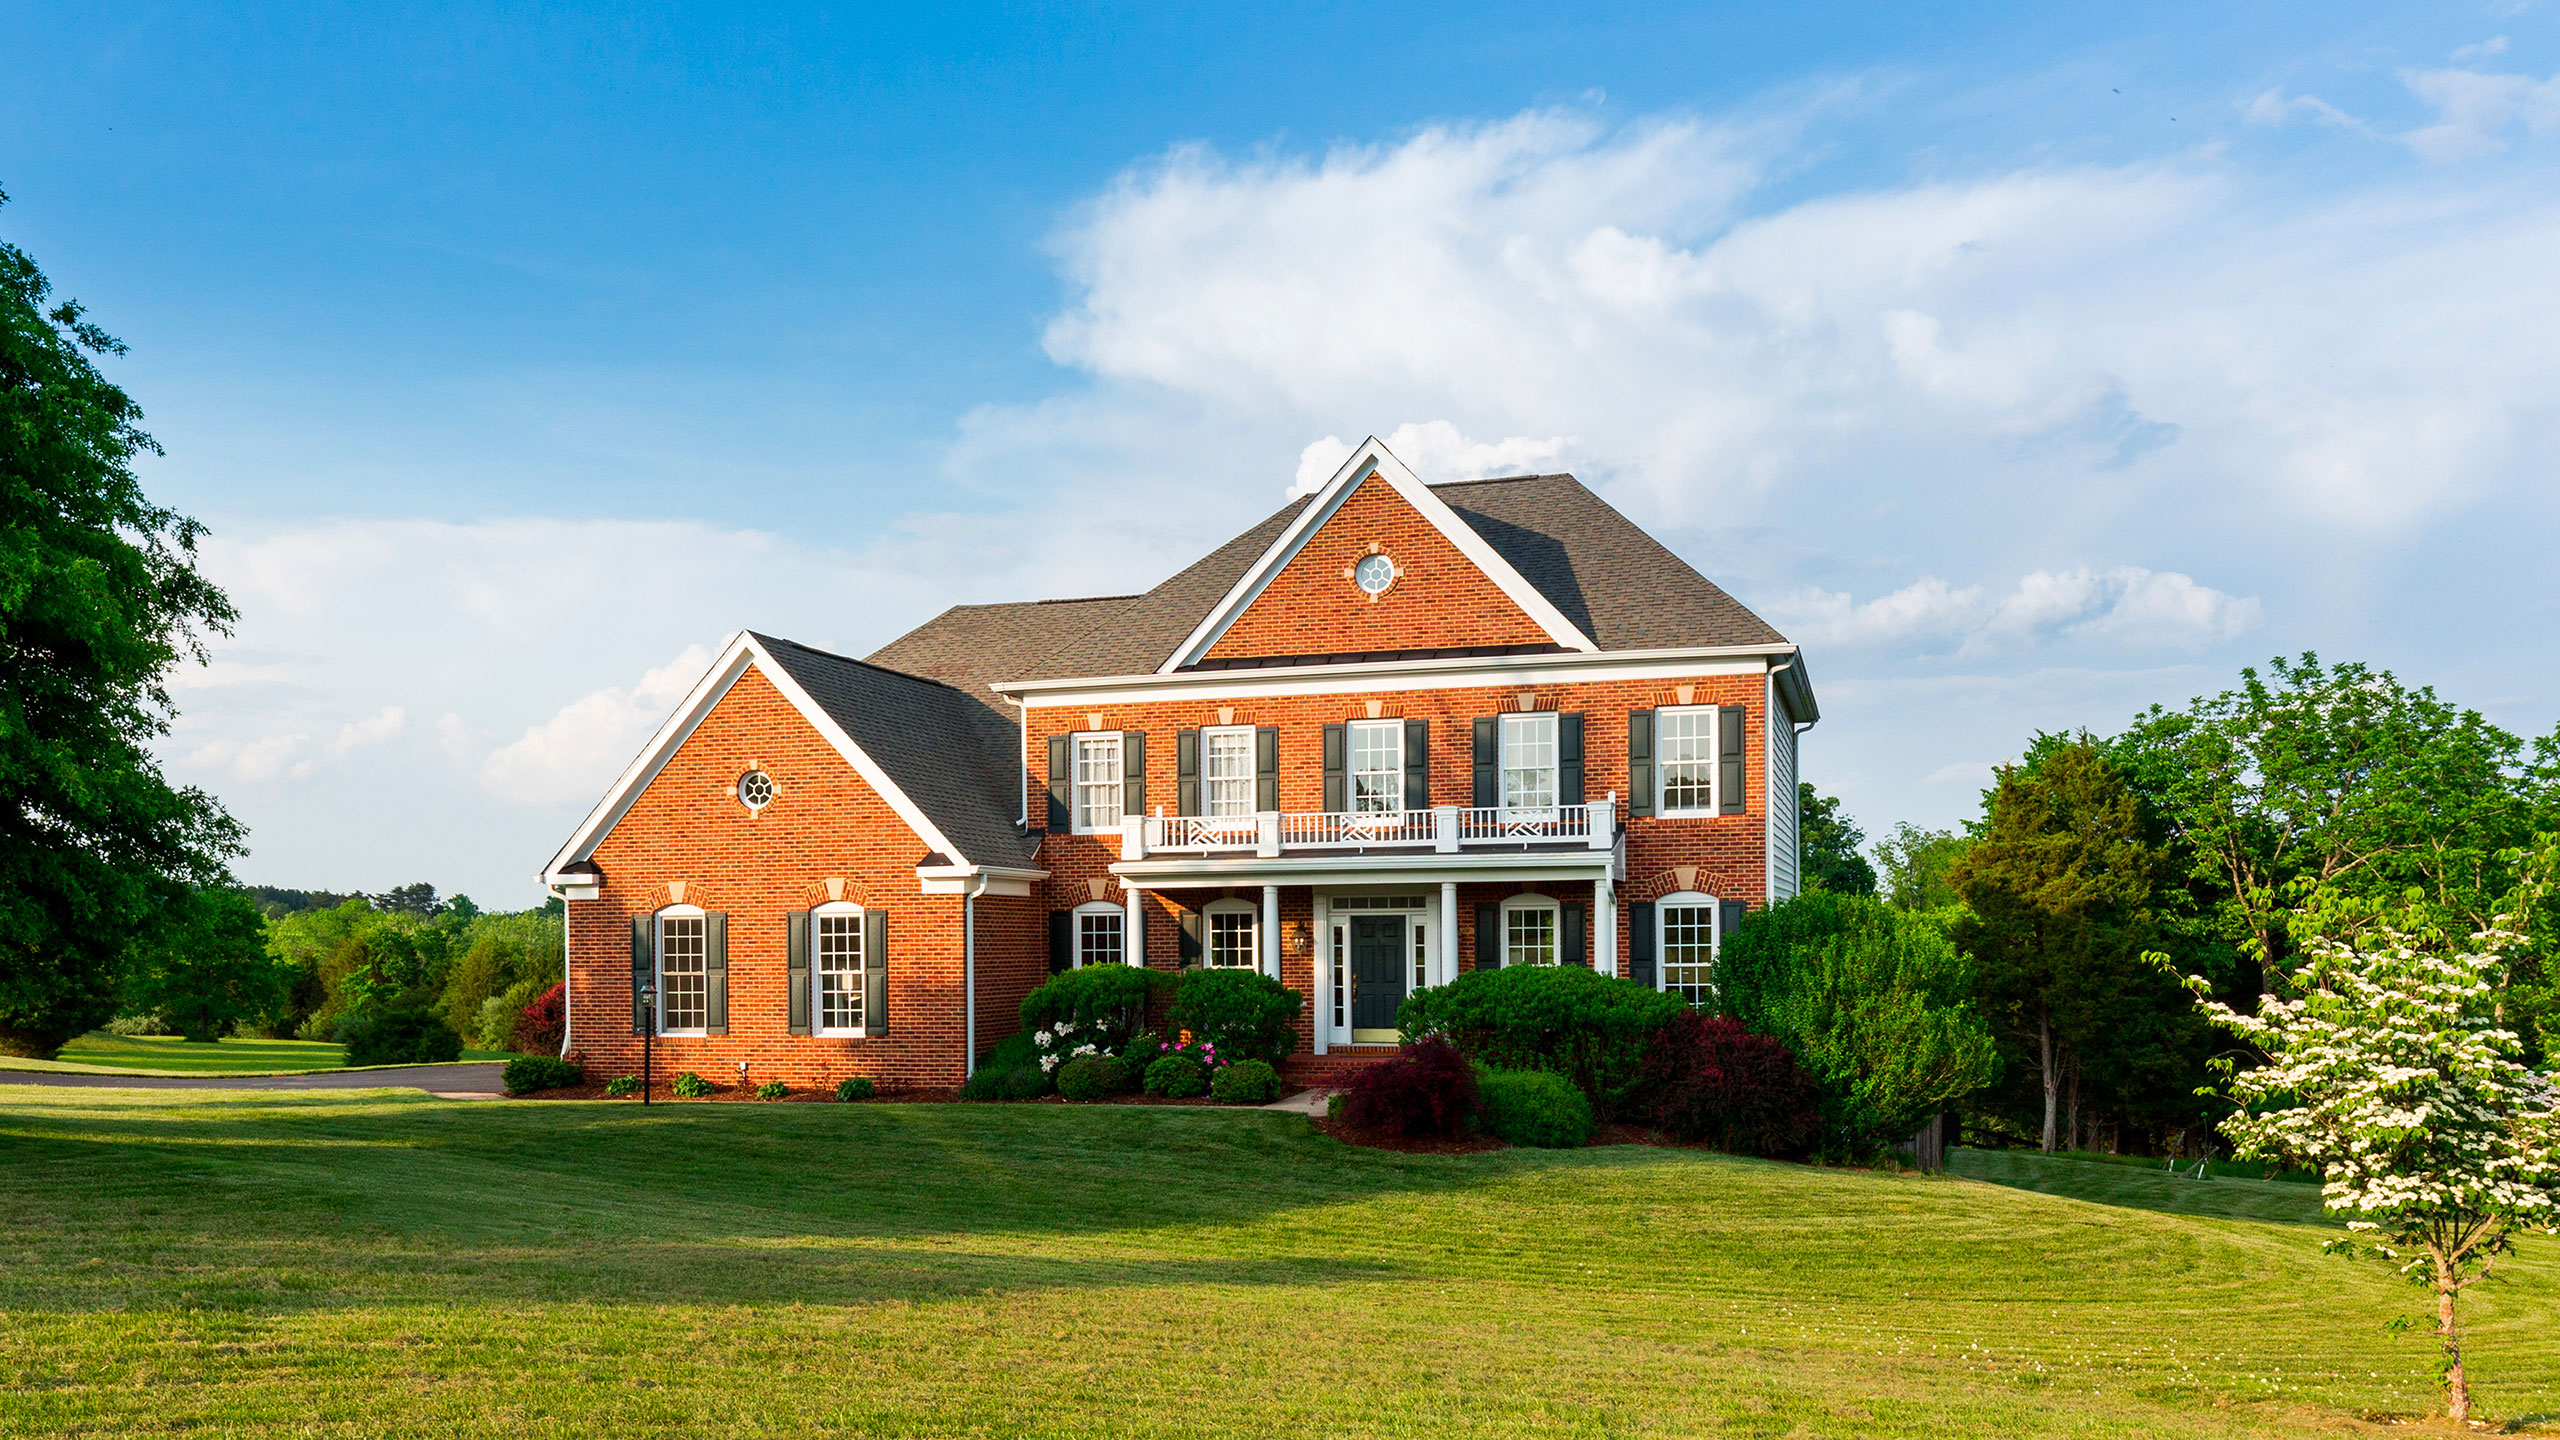 Modular Homes for Less Slider Image 01